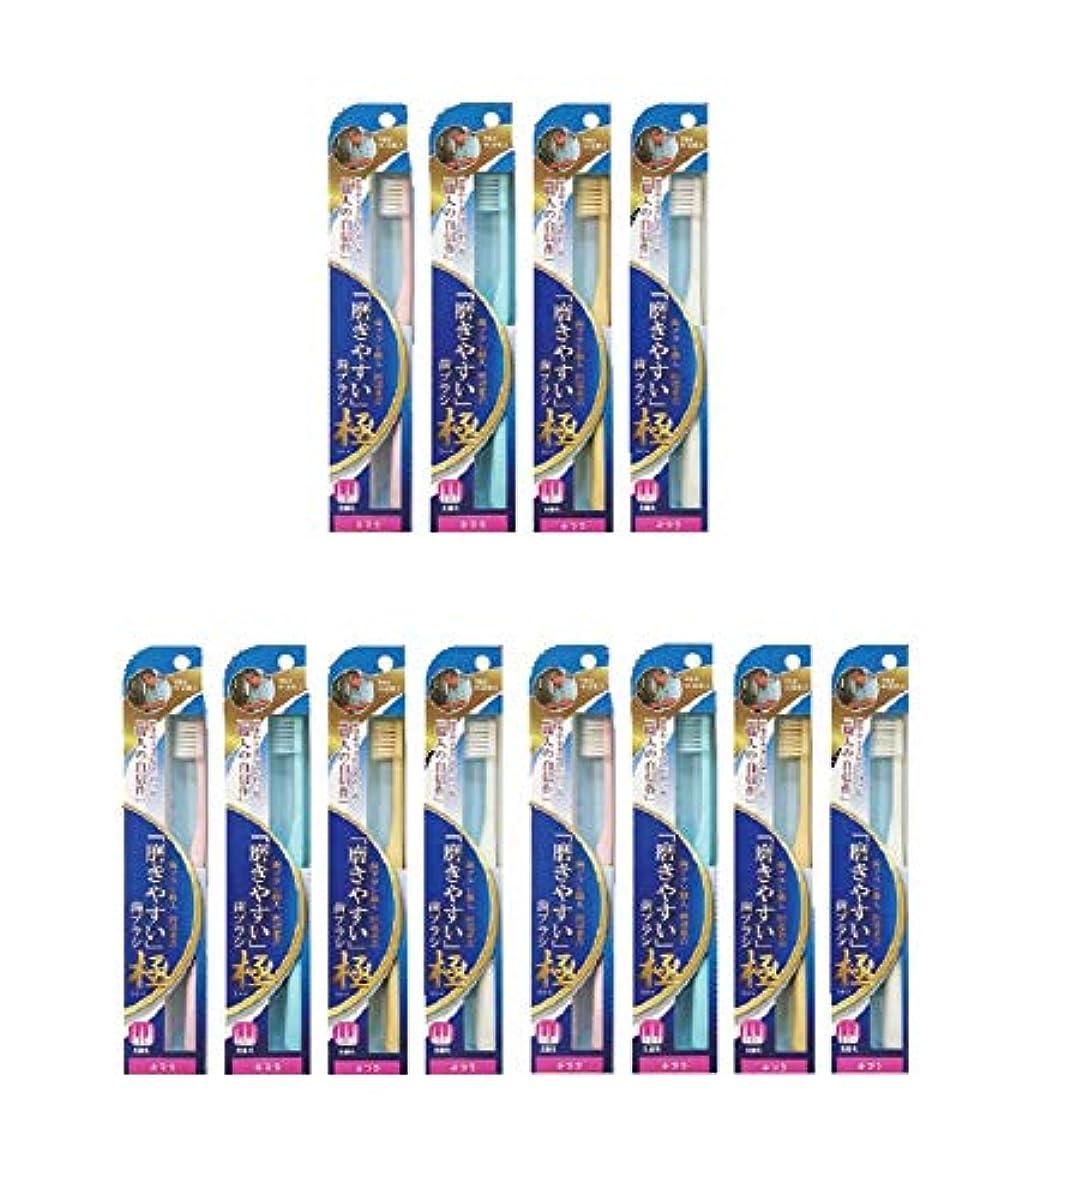 スキーコースディベートライフレンジ 磨きやすい歯ブラシ 極(ふつう) LT-44 ×12本セット